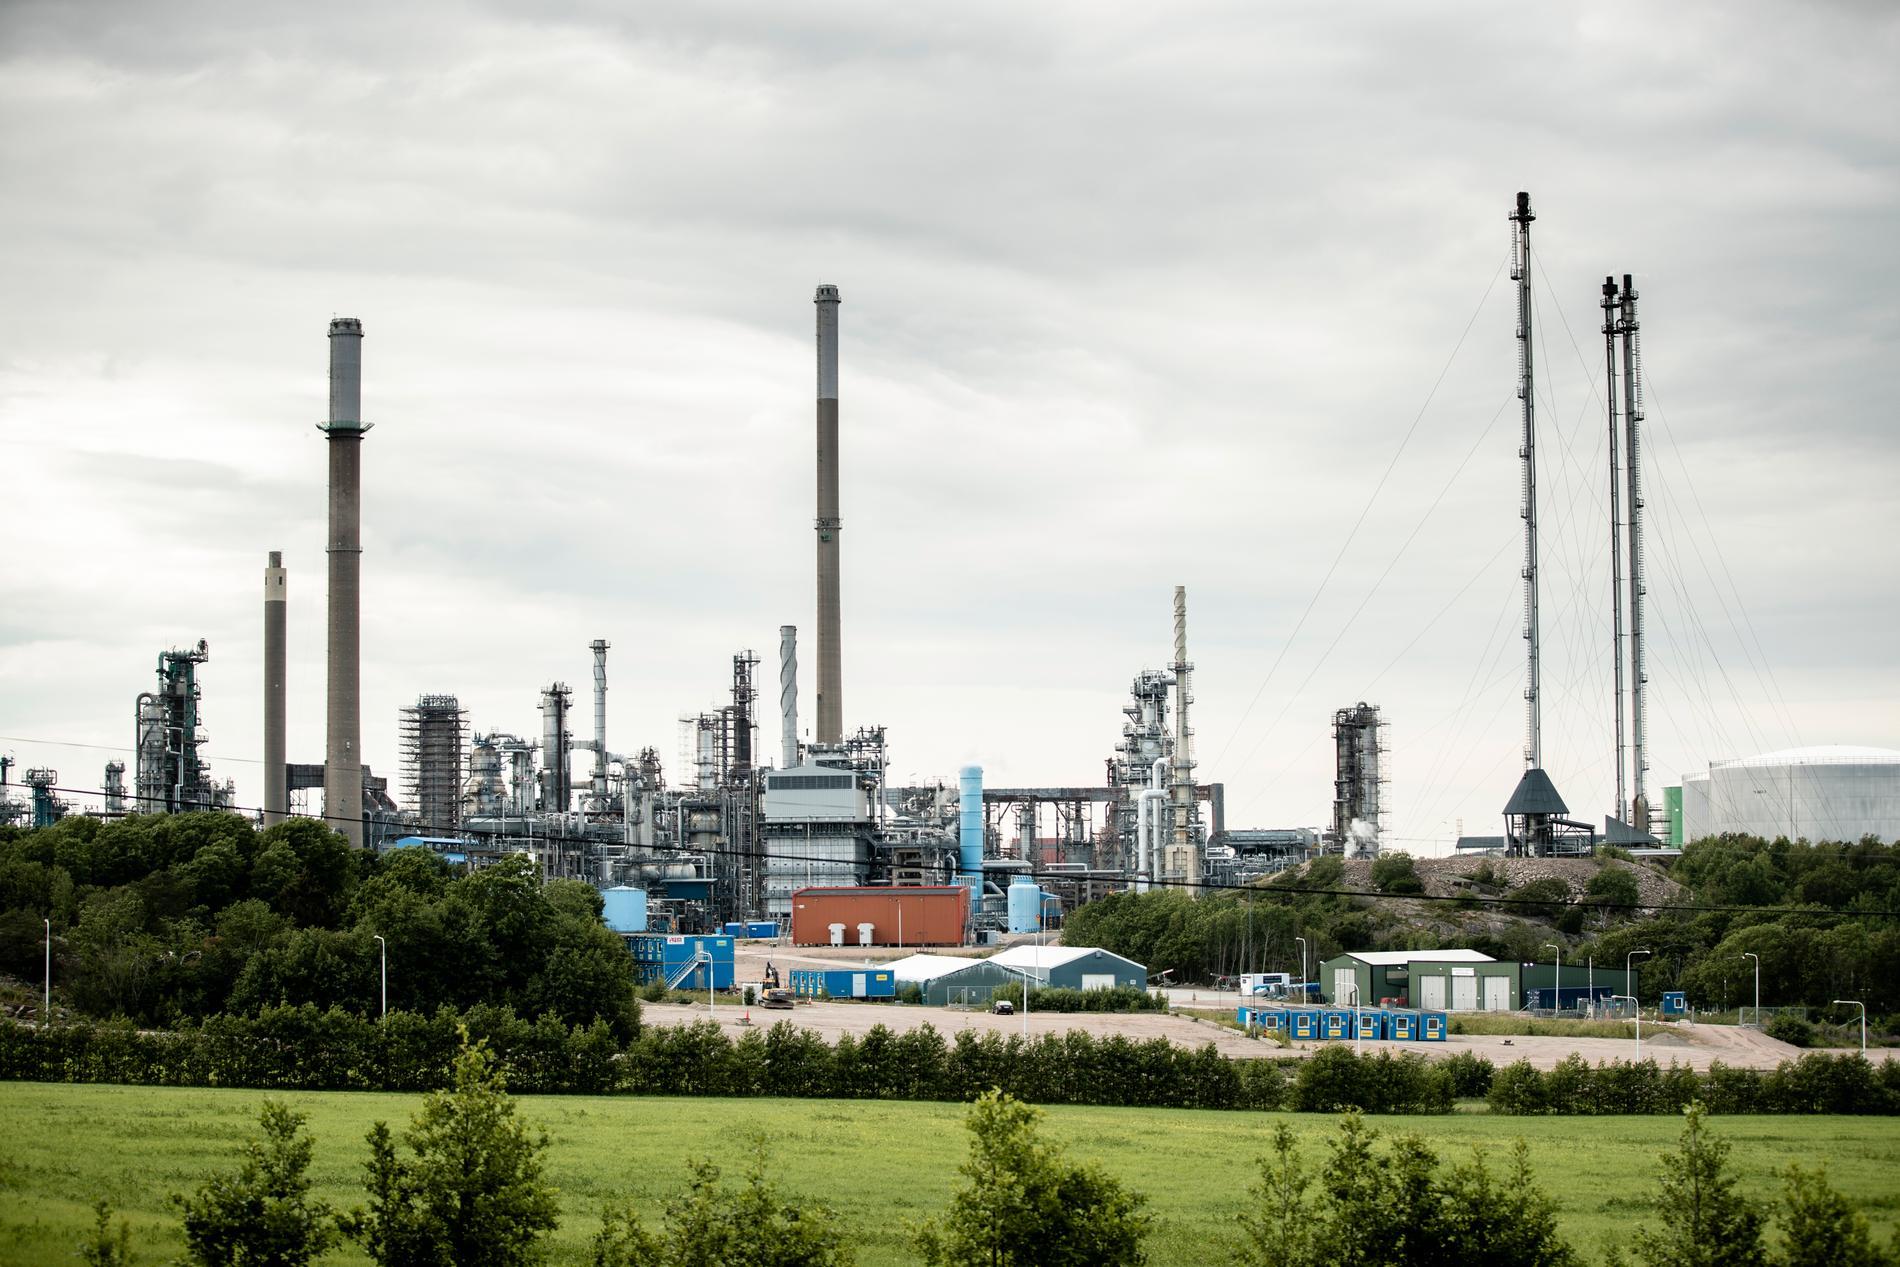 Företaget Preem vill bygga ut sitt oljeraffinaderi Preemraff i Lysekil. Det skulle göra drivmedelsjätten till Sveriges största utsläppare av klimatpåverkande gaser.